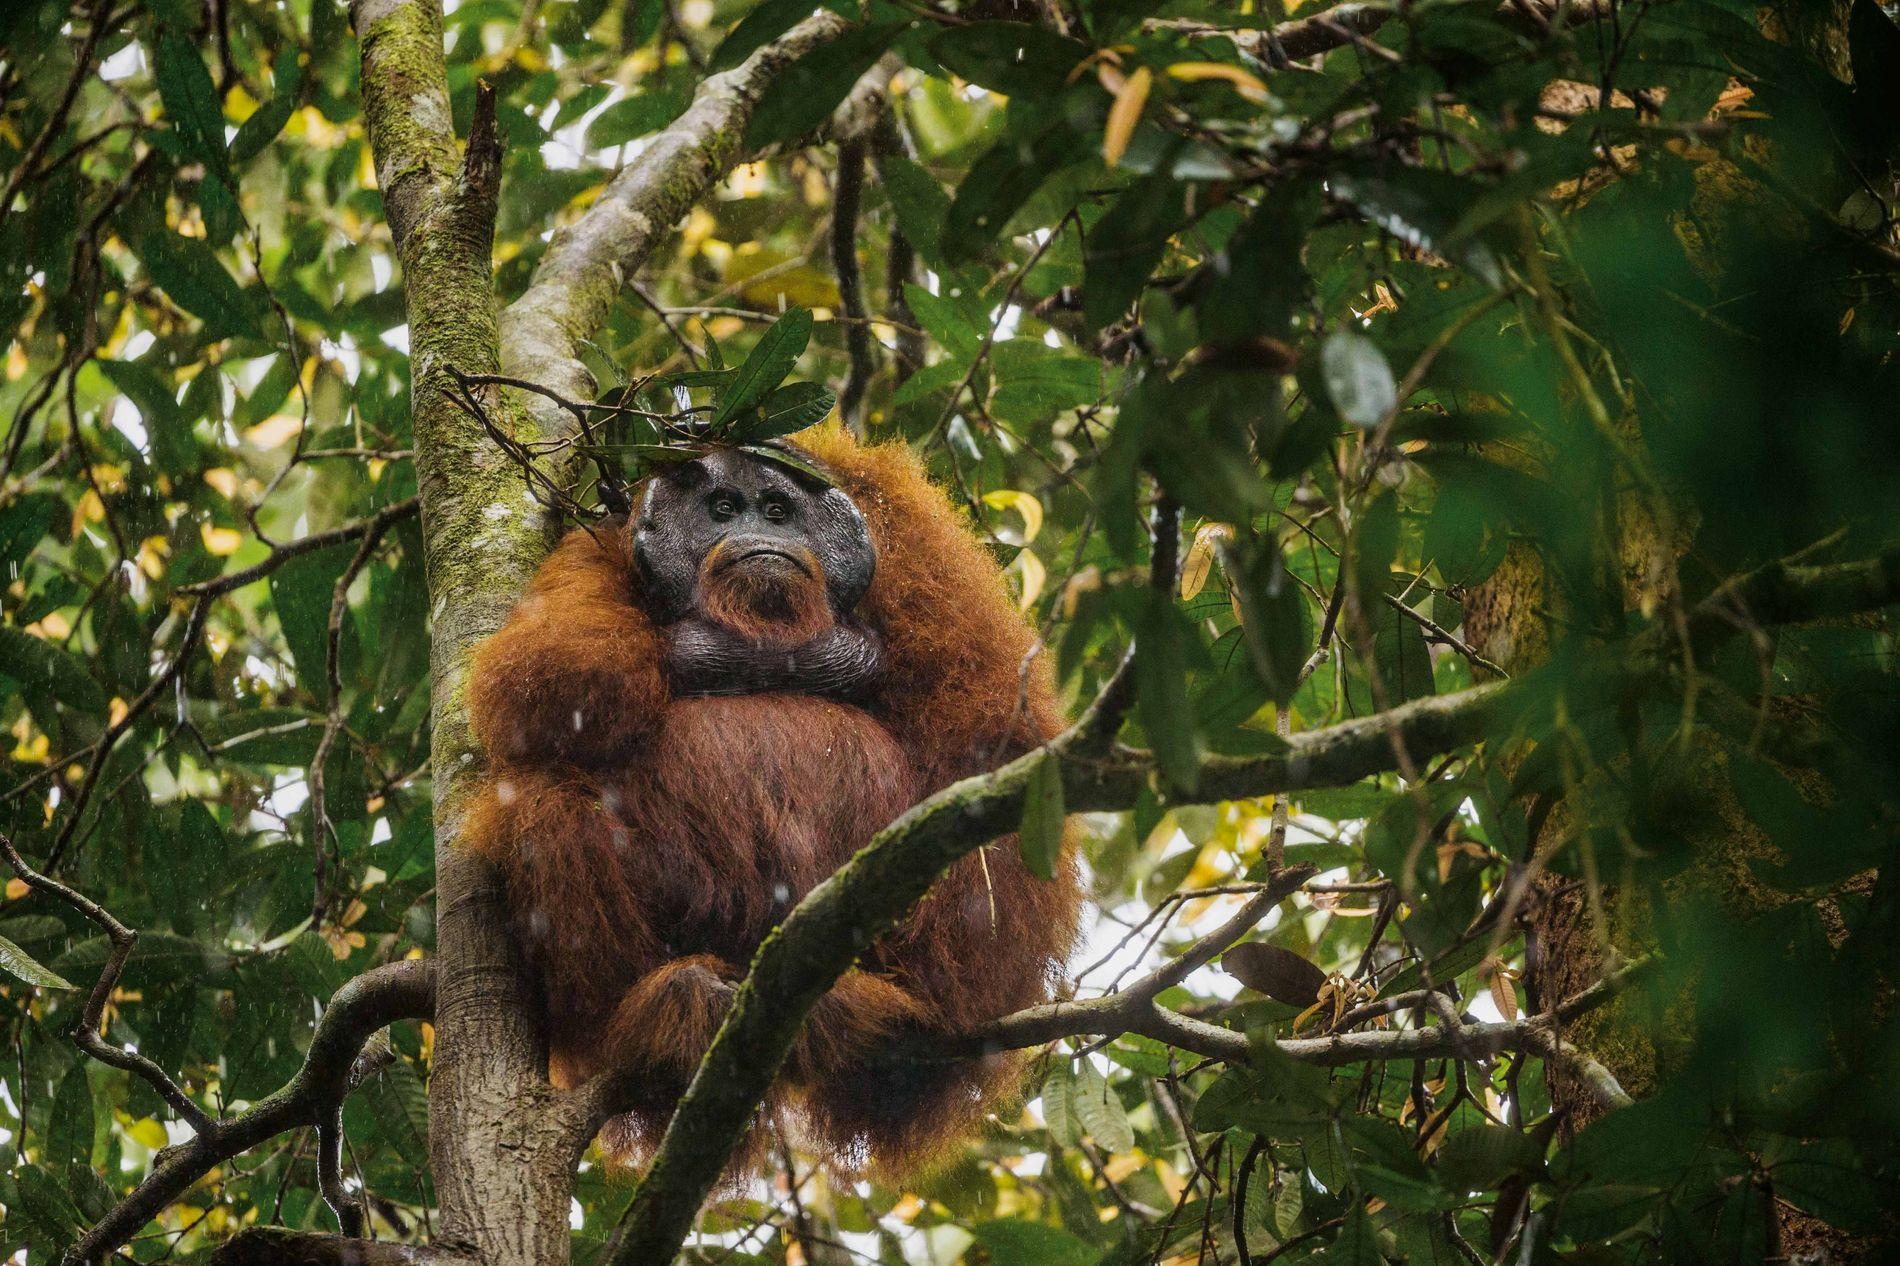 Un orang-outan de Bornéo mâle s'est fait un parapluie d'une branche feuillue. Ce comportement appris est ...